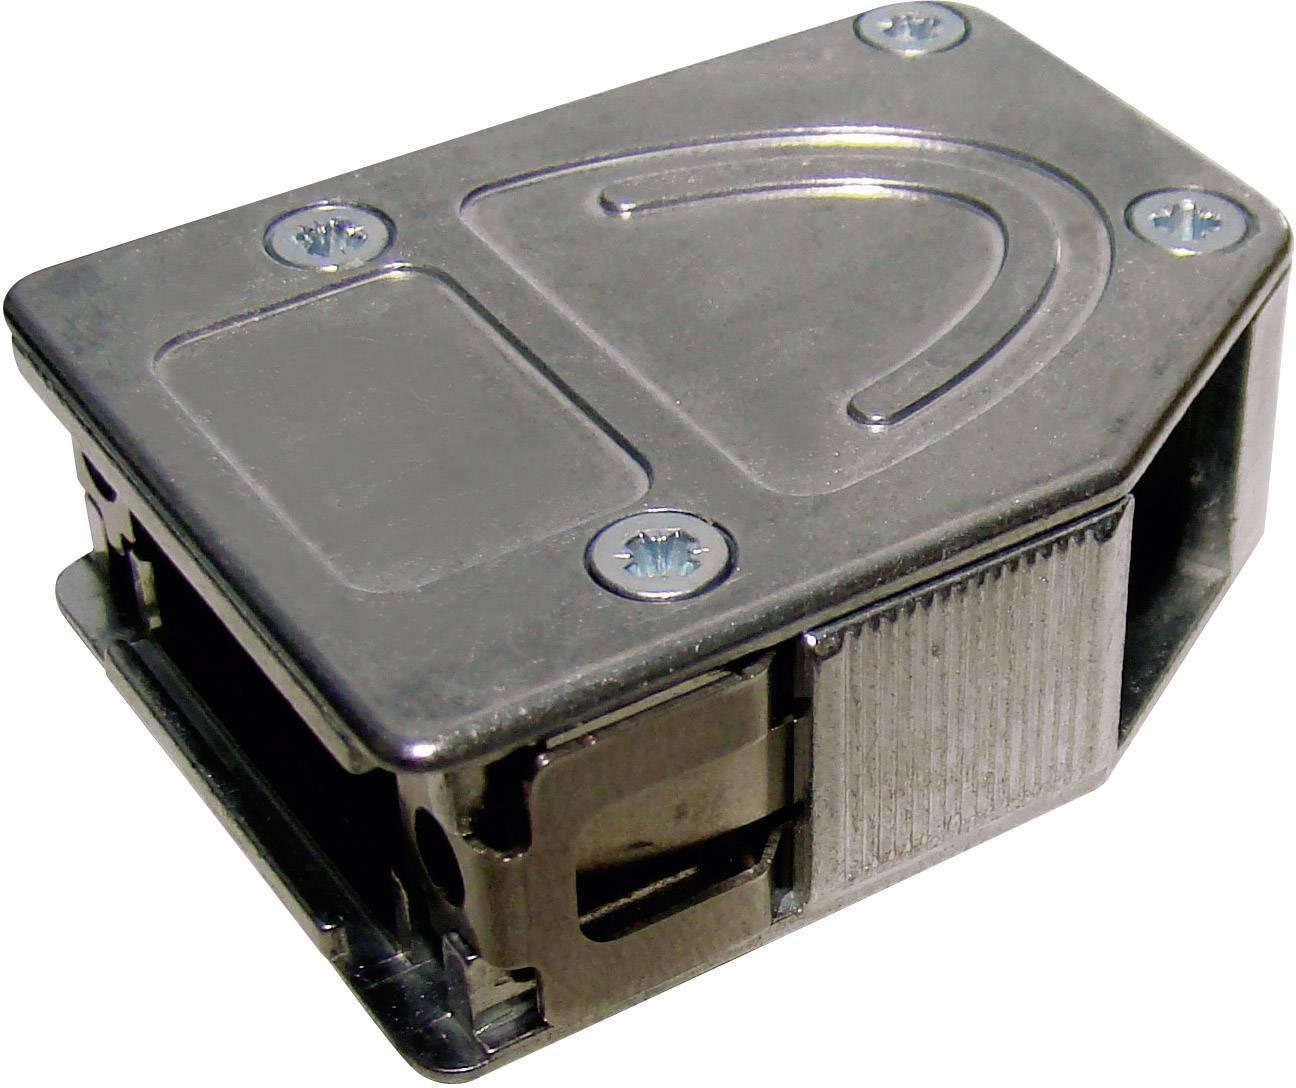 D-SUB púzdro Provertha 10409DC001 10409DC001, počet pinov: 9, kov, 180 °, 45 °, strieborná, 1 ks